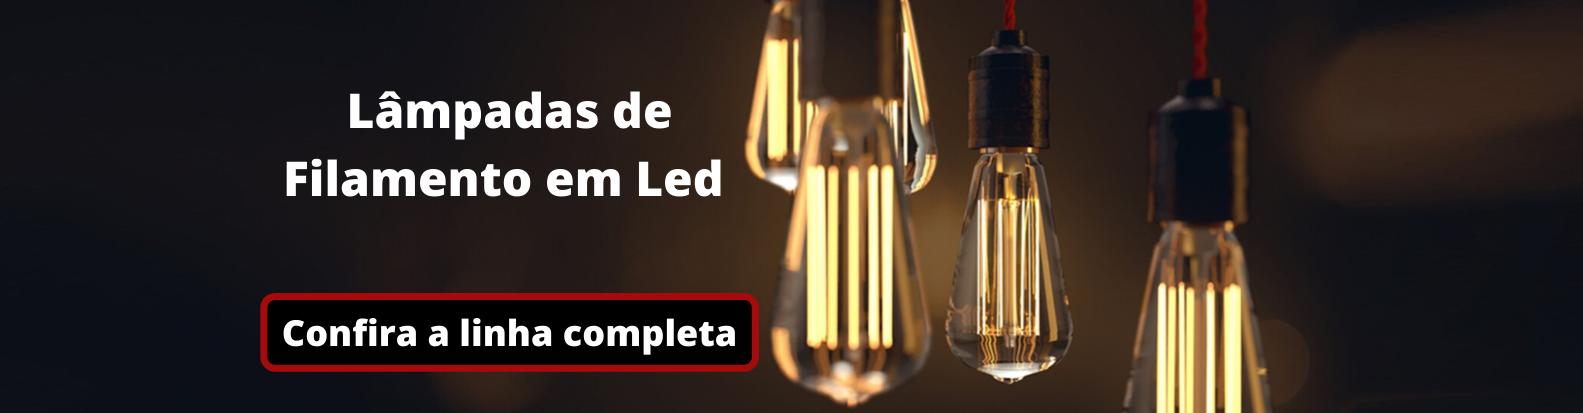 Lamp Filamento